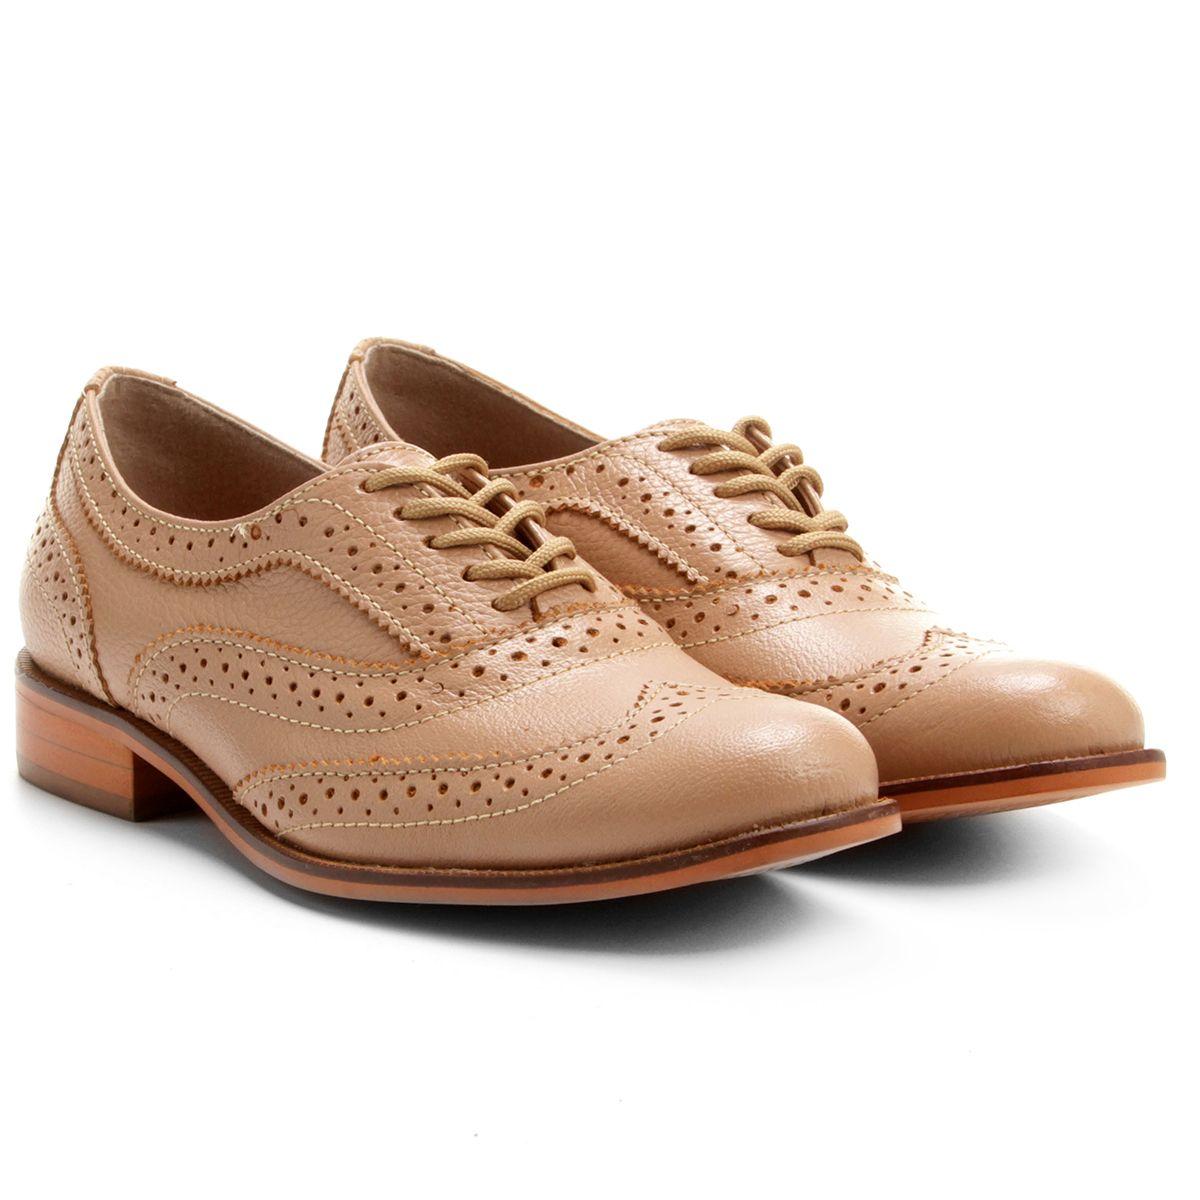 00842bcfc Compre Oxford Santa Lolla Brogues Bege na Zattini a nova loja de moda  online da Netshoes. Encontre Sapatos, Sandálias, Bolsas e Acessórios.